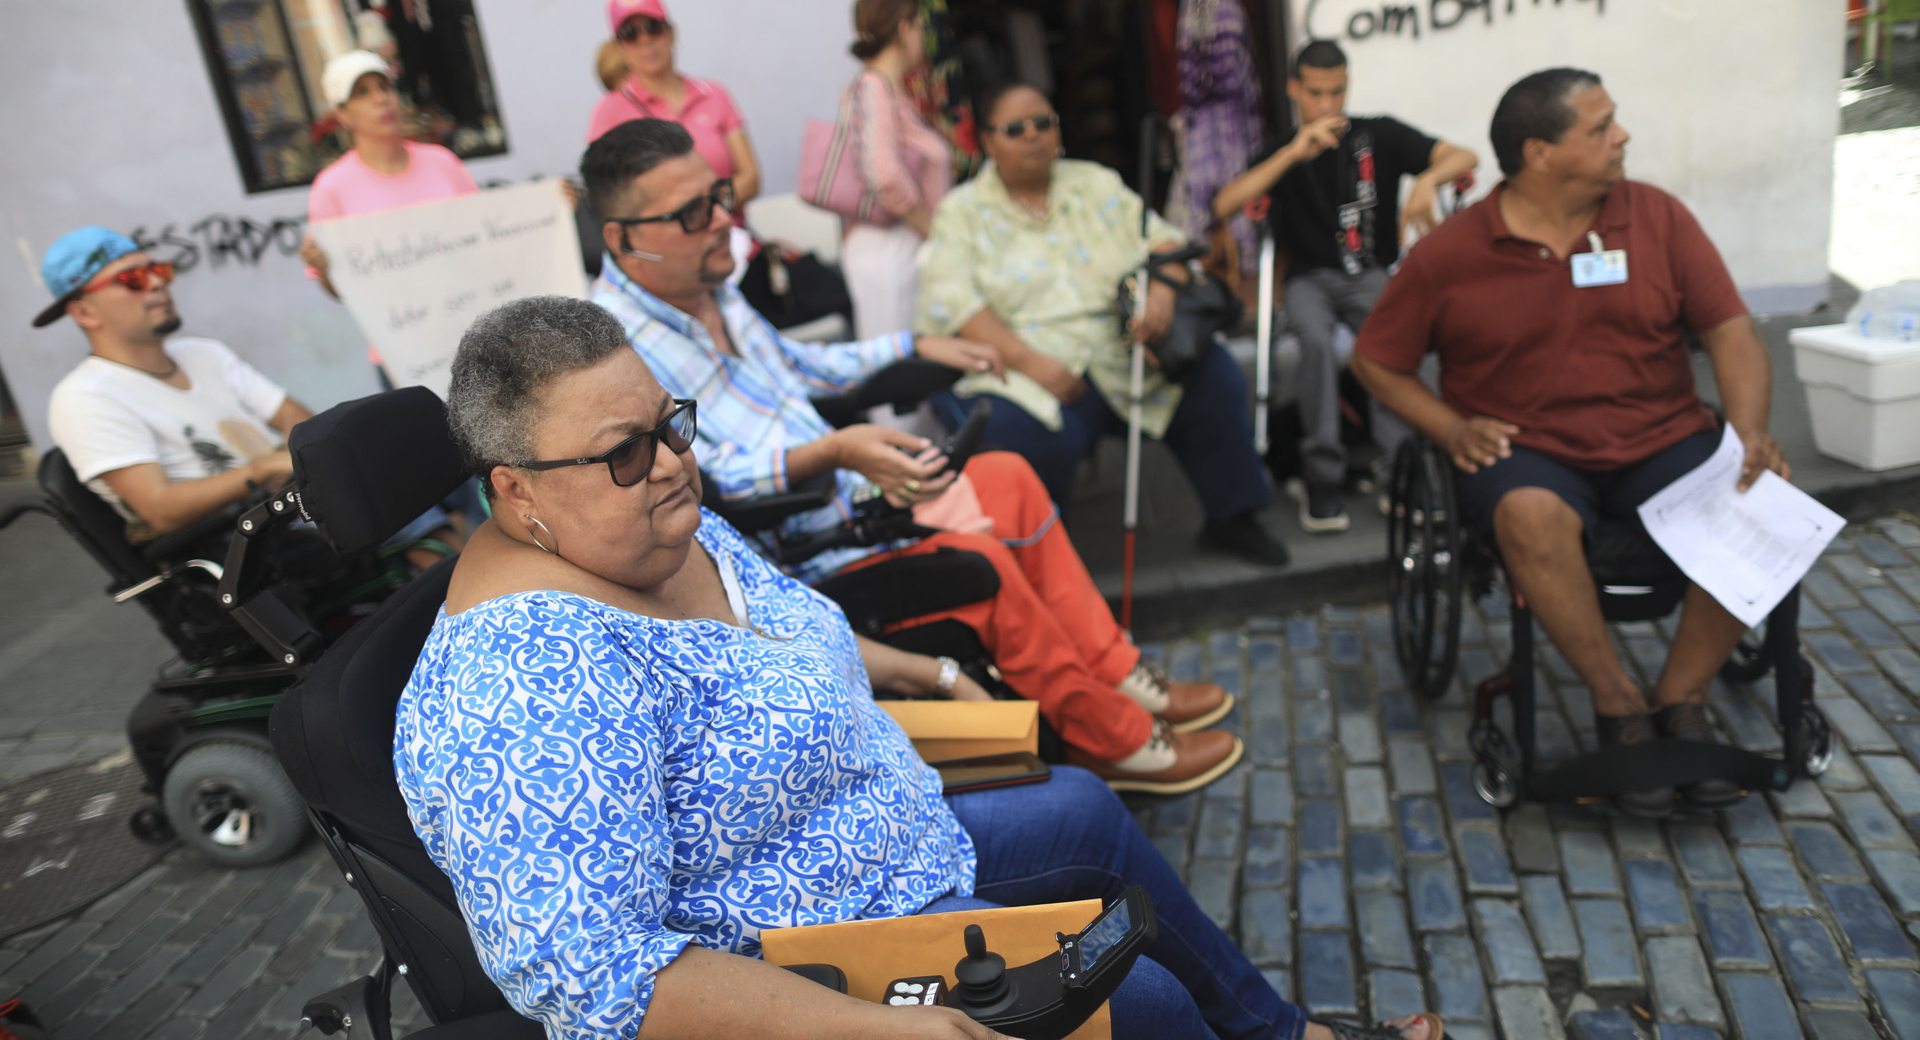 Llegan los reclamos de las personas con impedimento a La Fortaleza